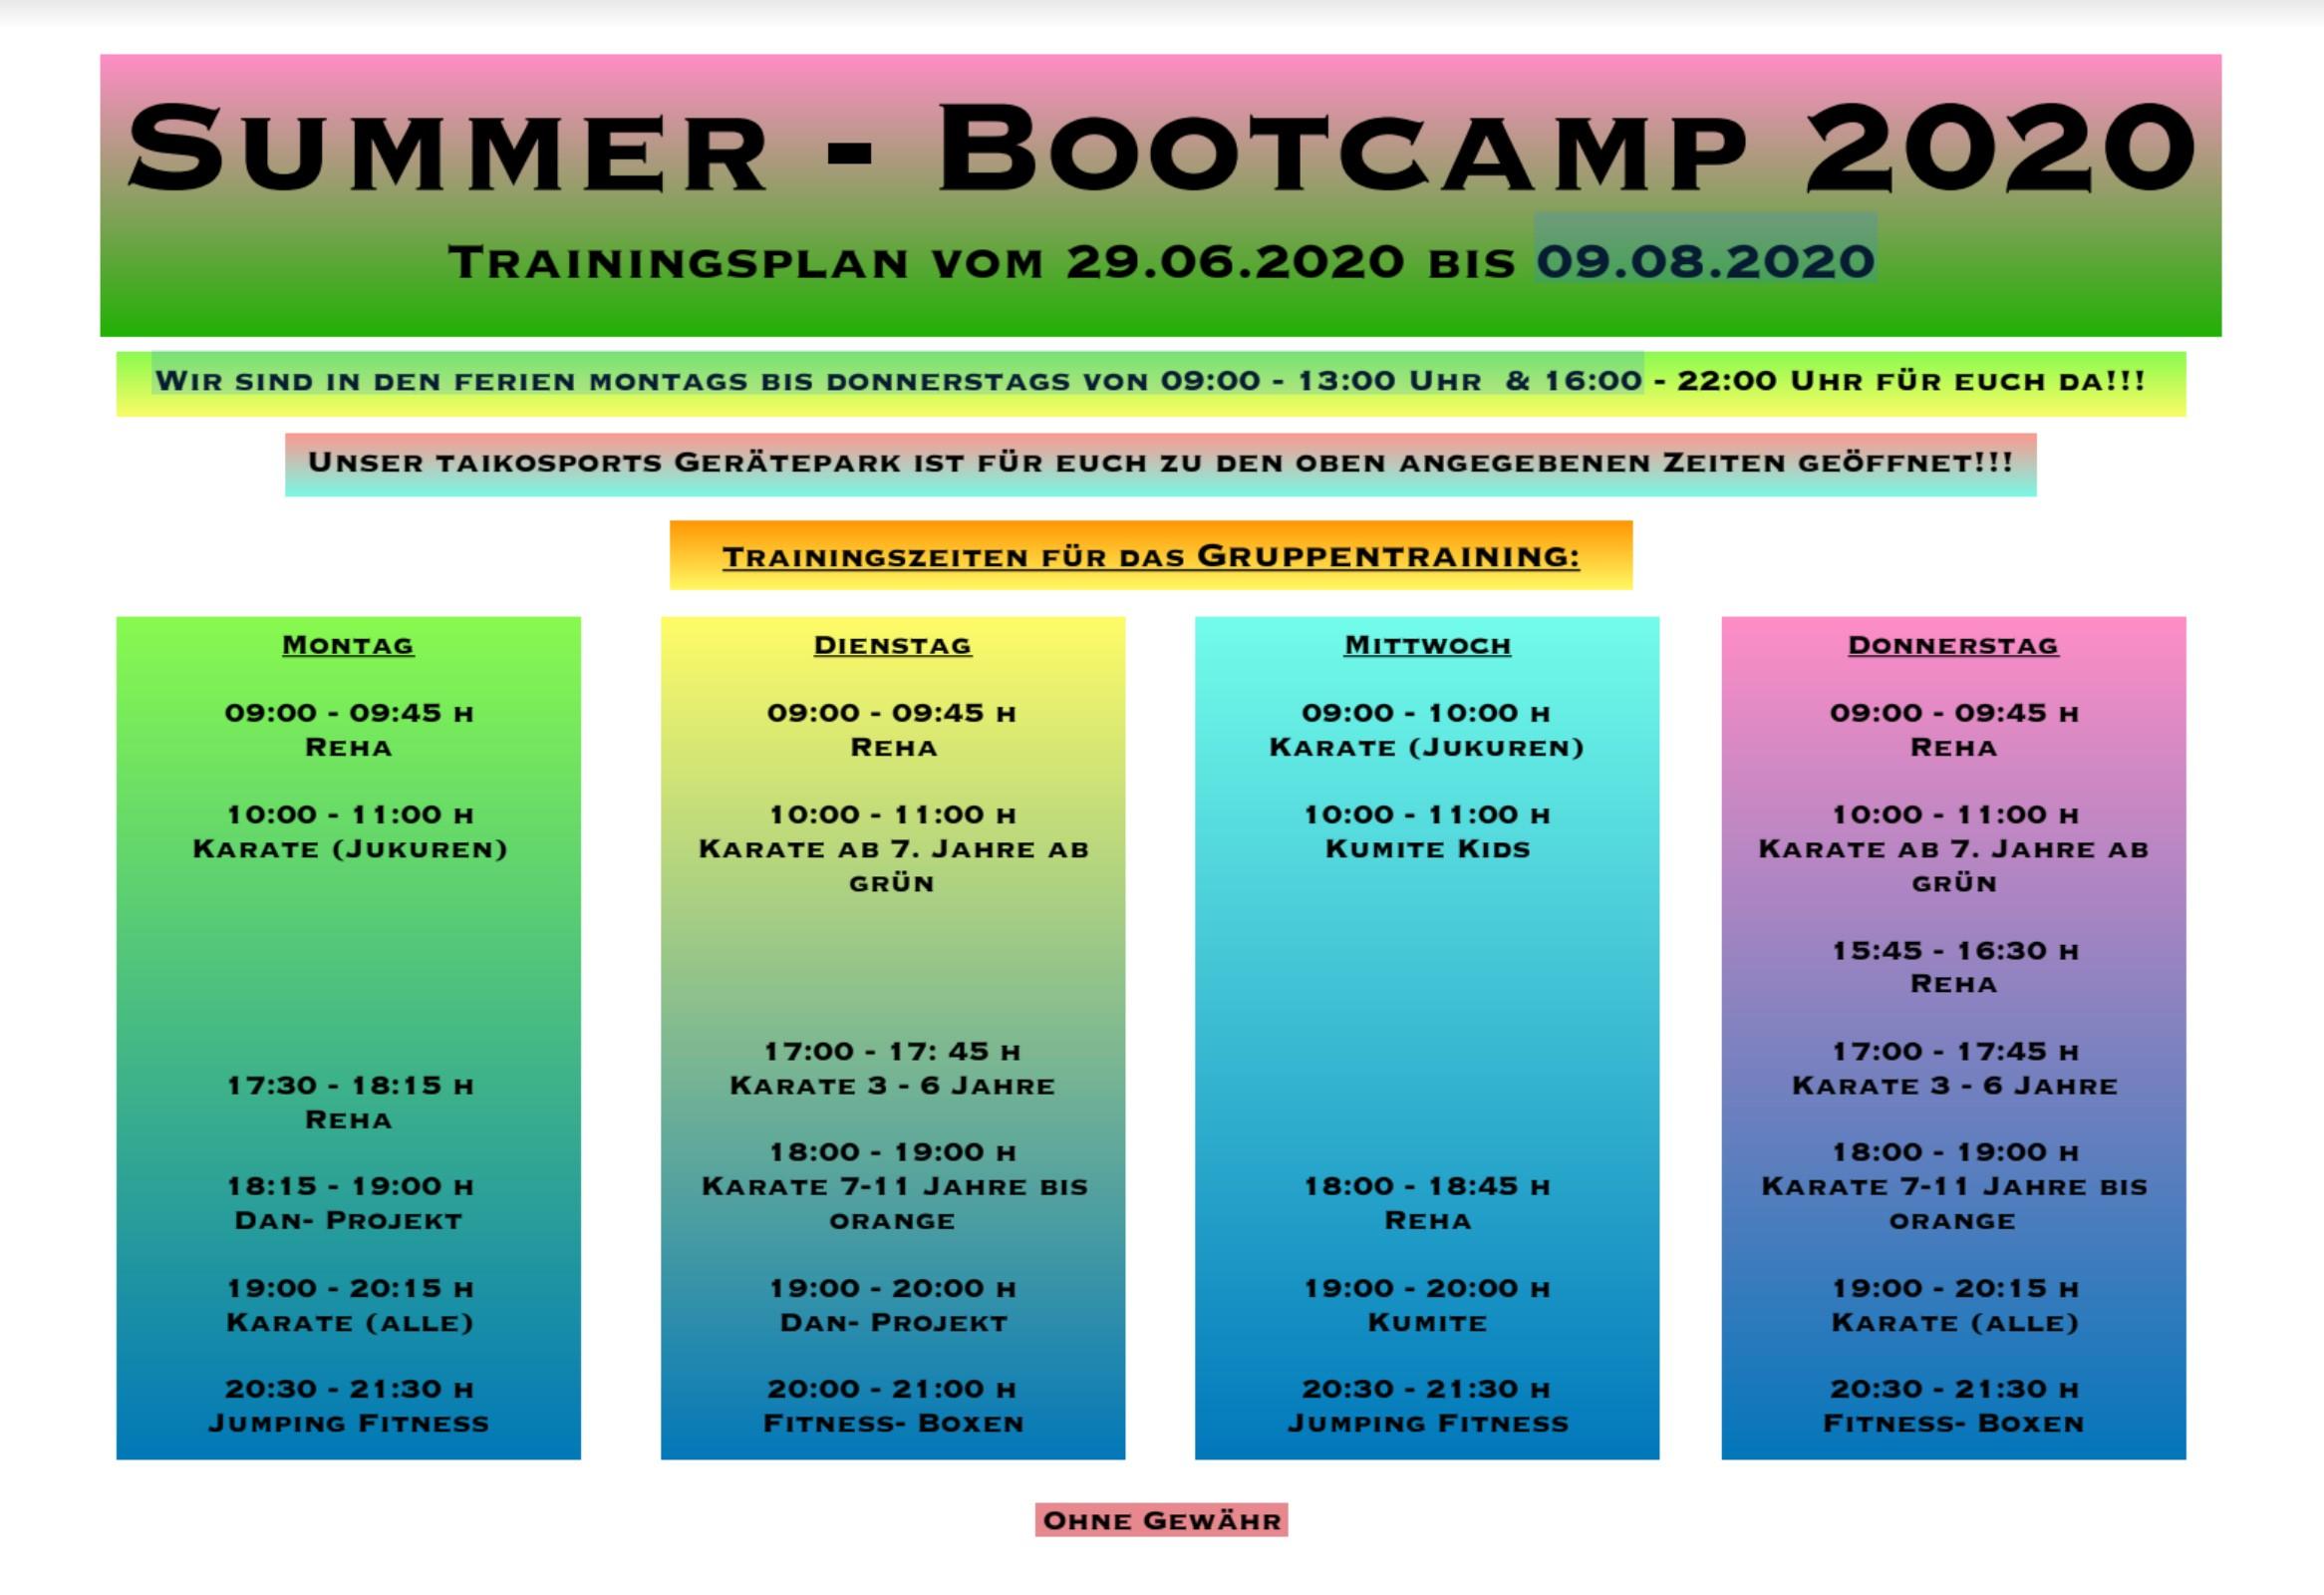 Summer-Bootcamp 2020 Plan